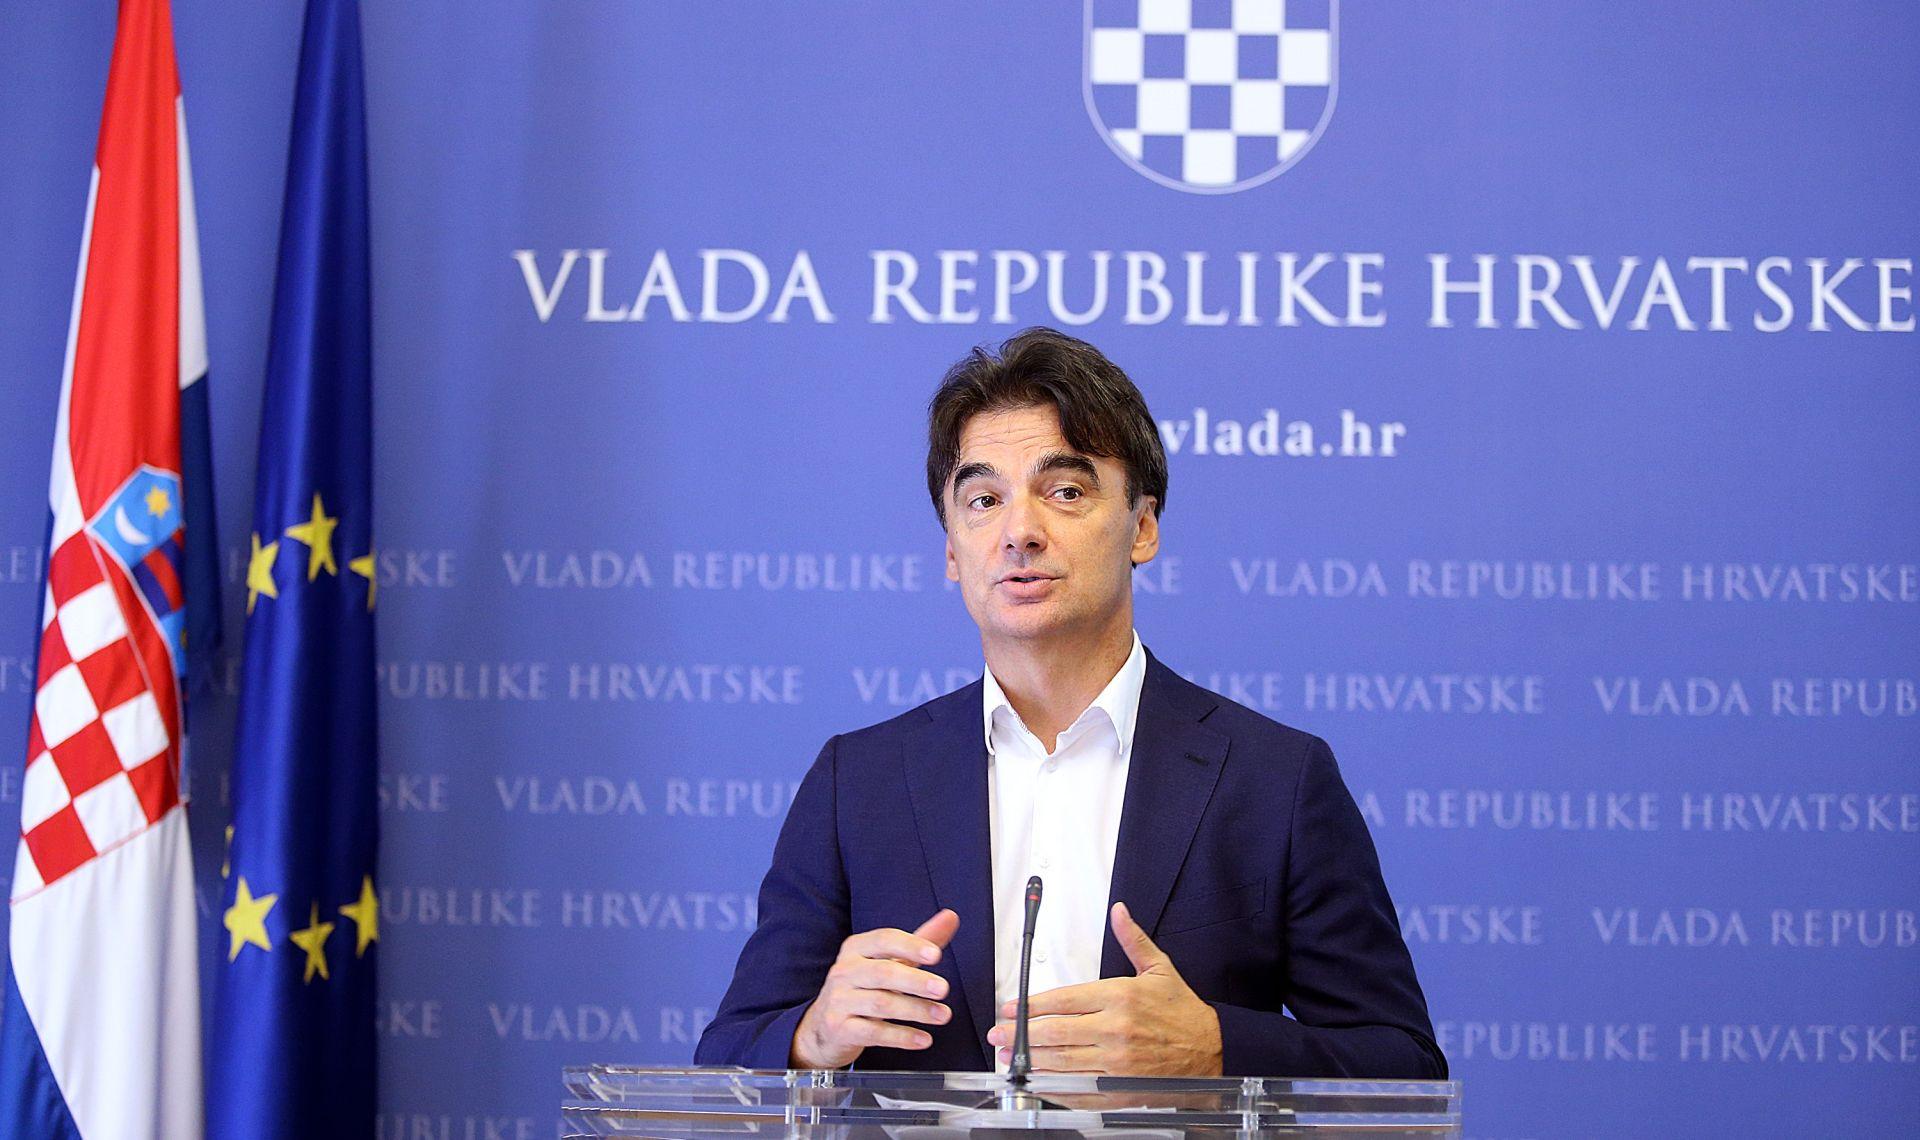 Ministarstvo: Grčić nije pozvao građane na trošenje; Vlada se bori za one bez posla i plaće